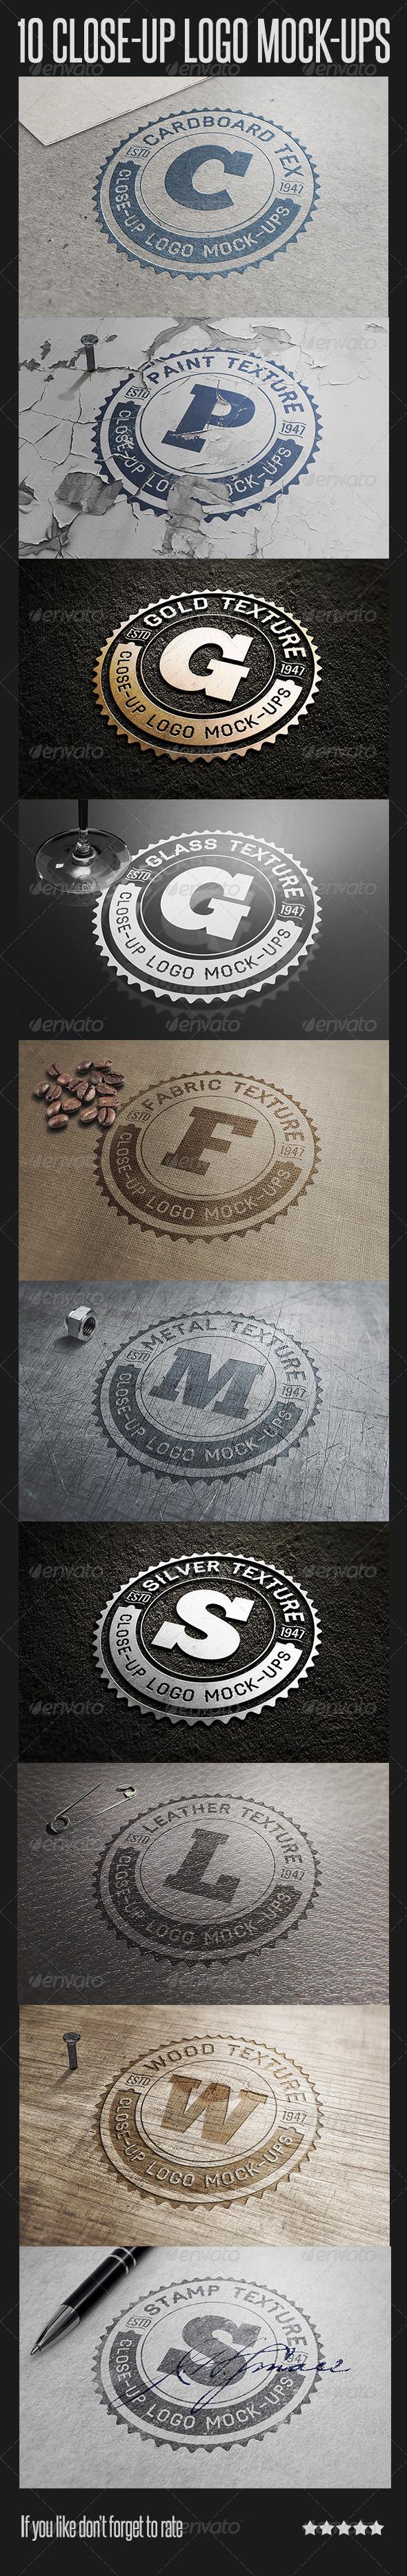 GraphicRiver 10 Close-Up Logo Mock-Ups 6757489